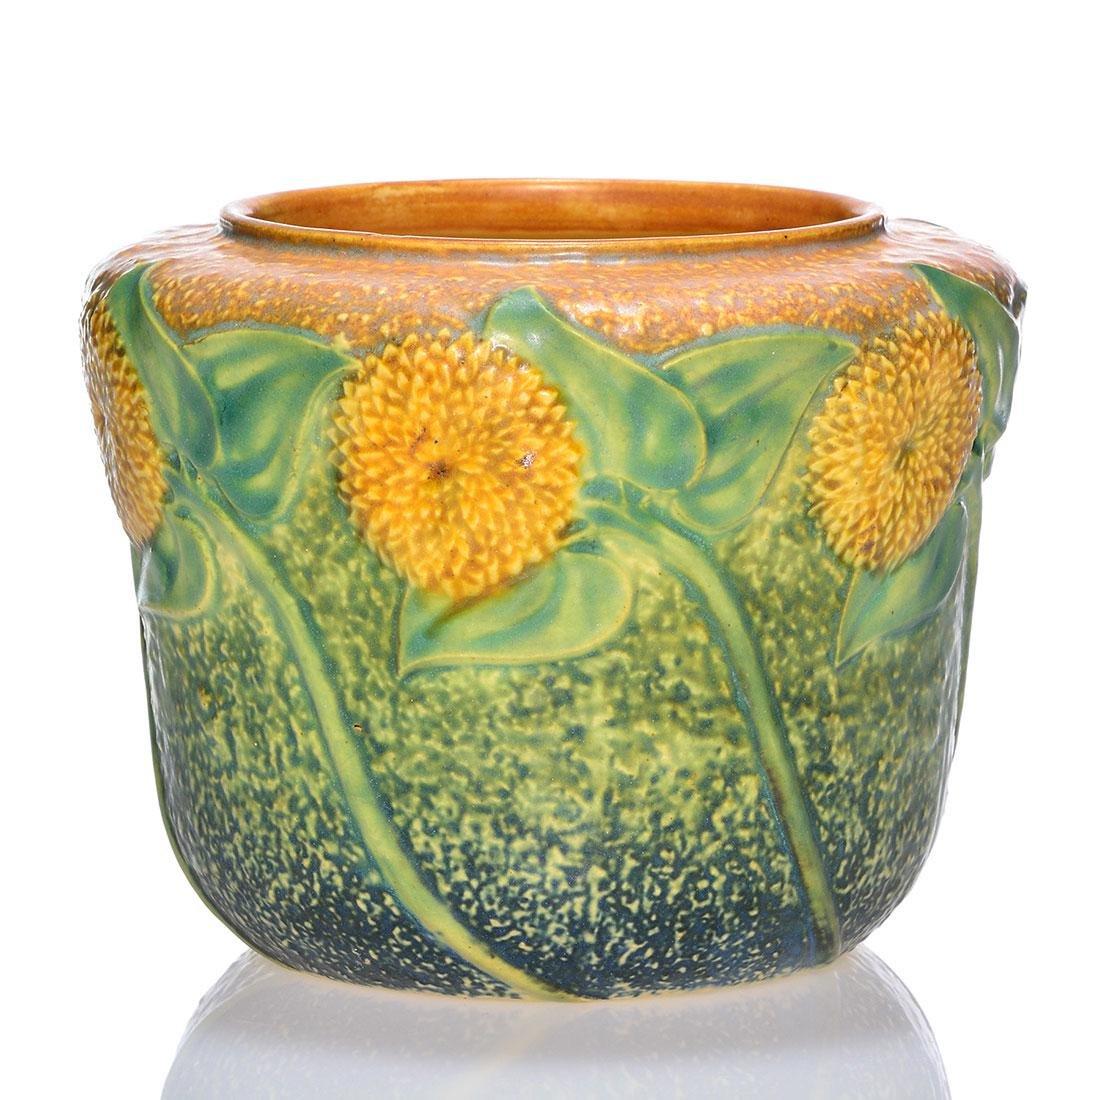 Roseville Sunflower vase, shape 486-5, 5 inches